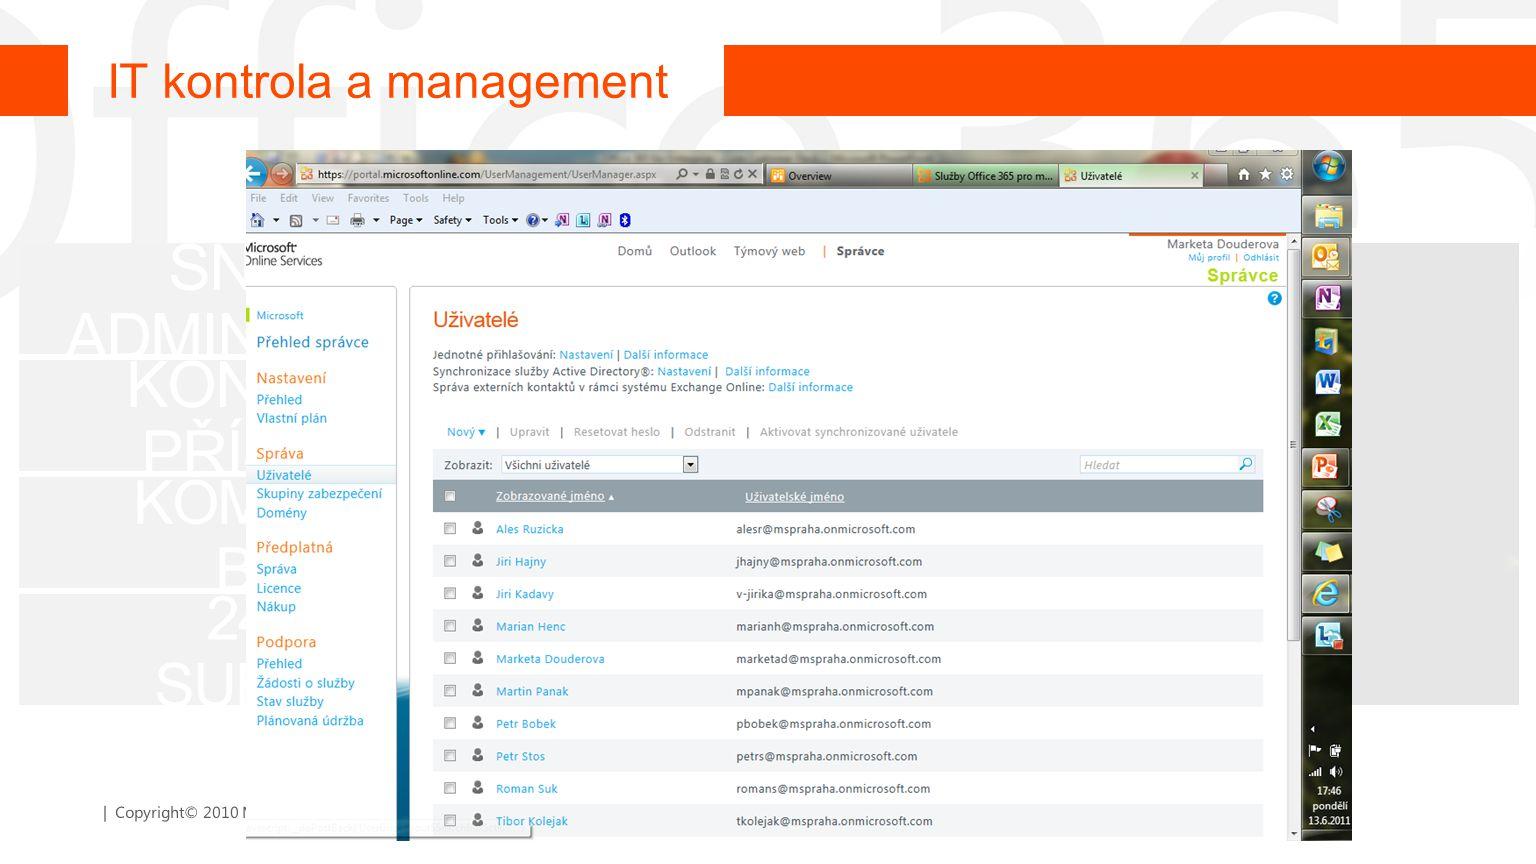 | Copyright© 2010 Microsoft Corporation SNADNÁ ADMINISTRACE KONTROLA PŘÍSTUPŮ KOMUNITNÍ BLOG 24/7 IT SUPPORT IT kontrola a management